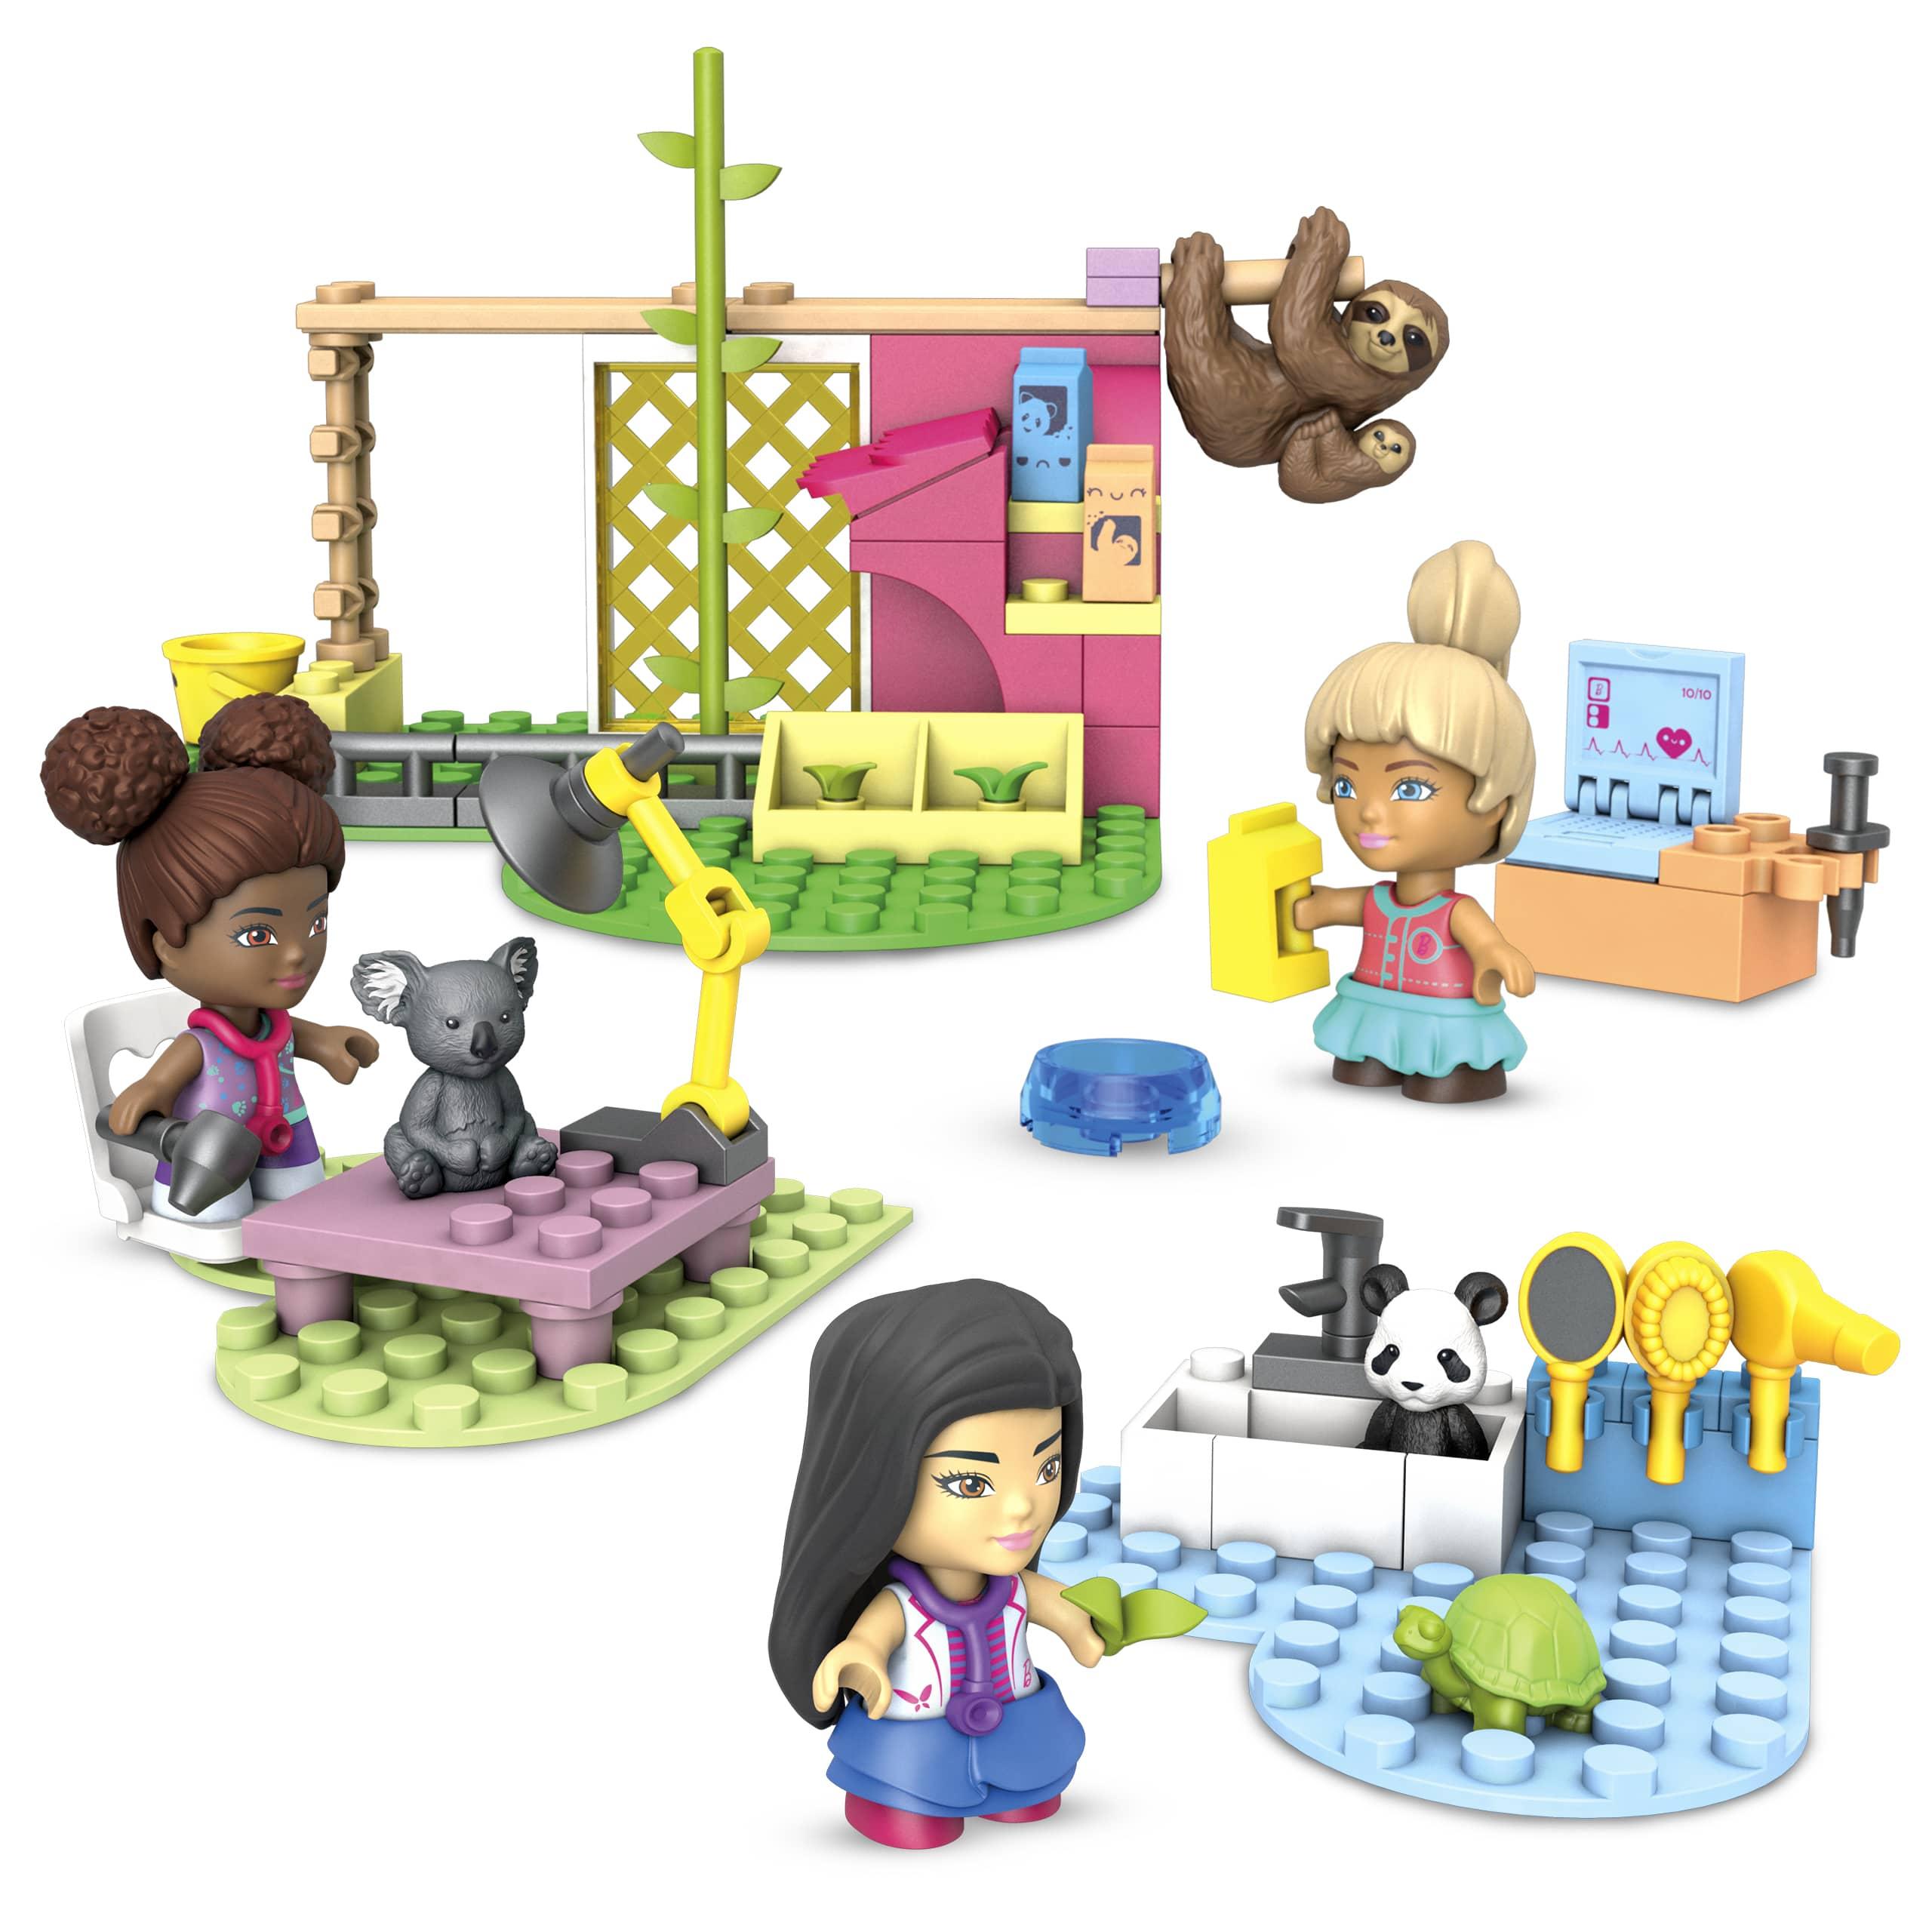 Mega Construx unveils Barbie-themed building sets 18